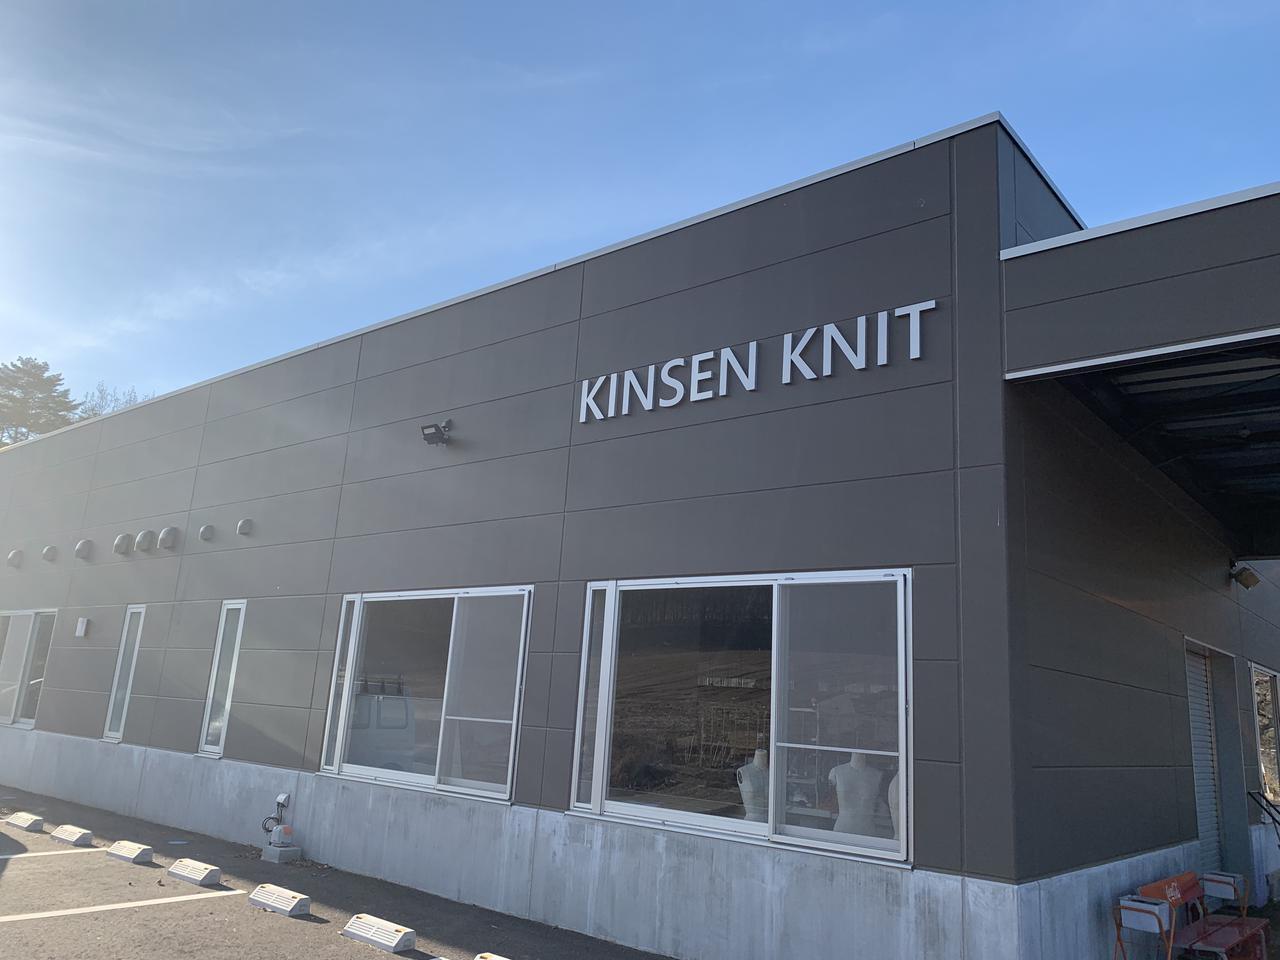 画像: 福島県に移転した金泉ニット工場 出典ftn